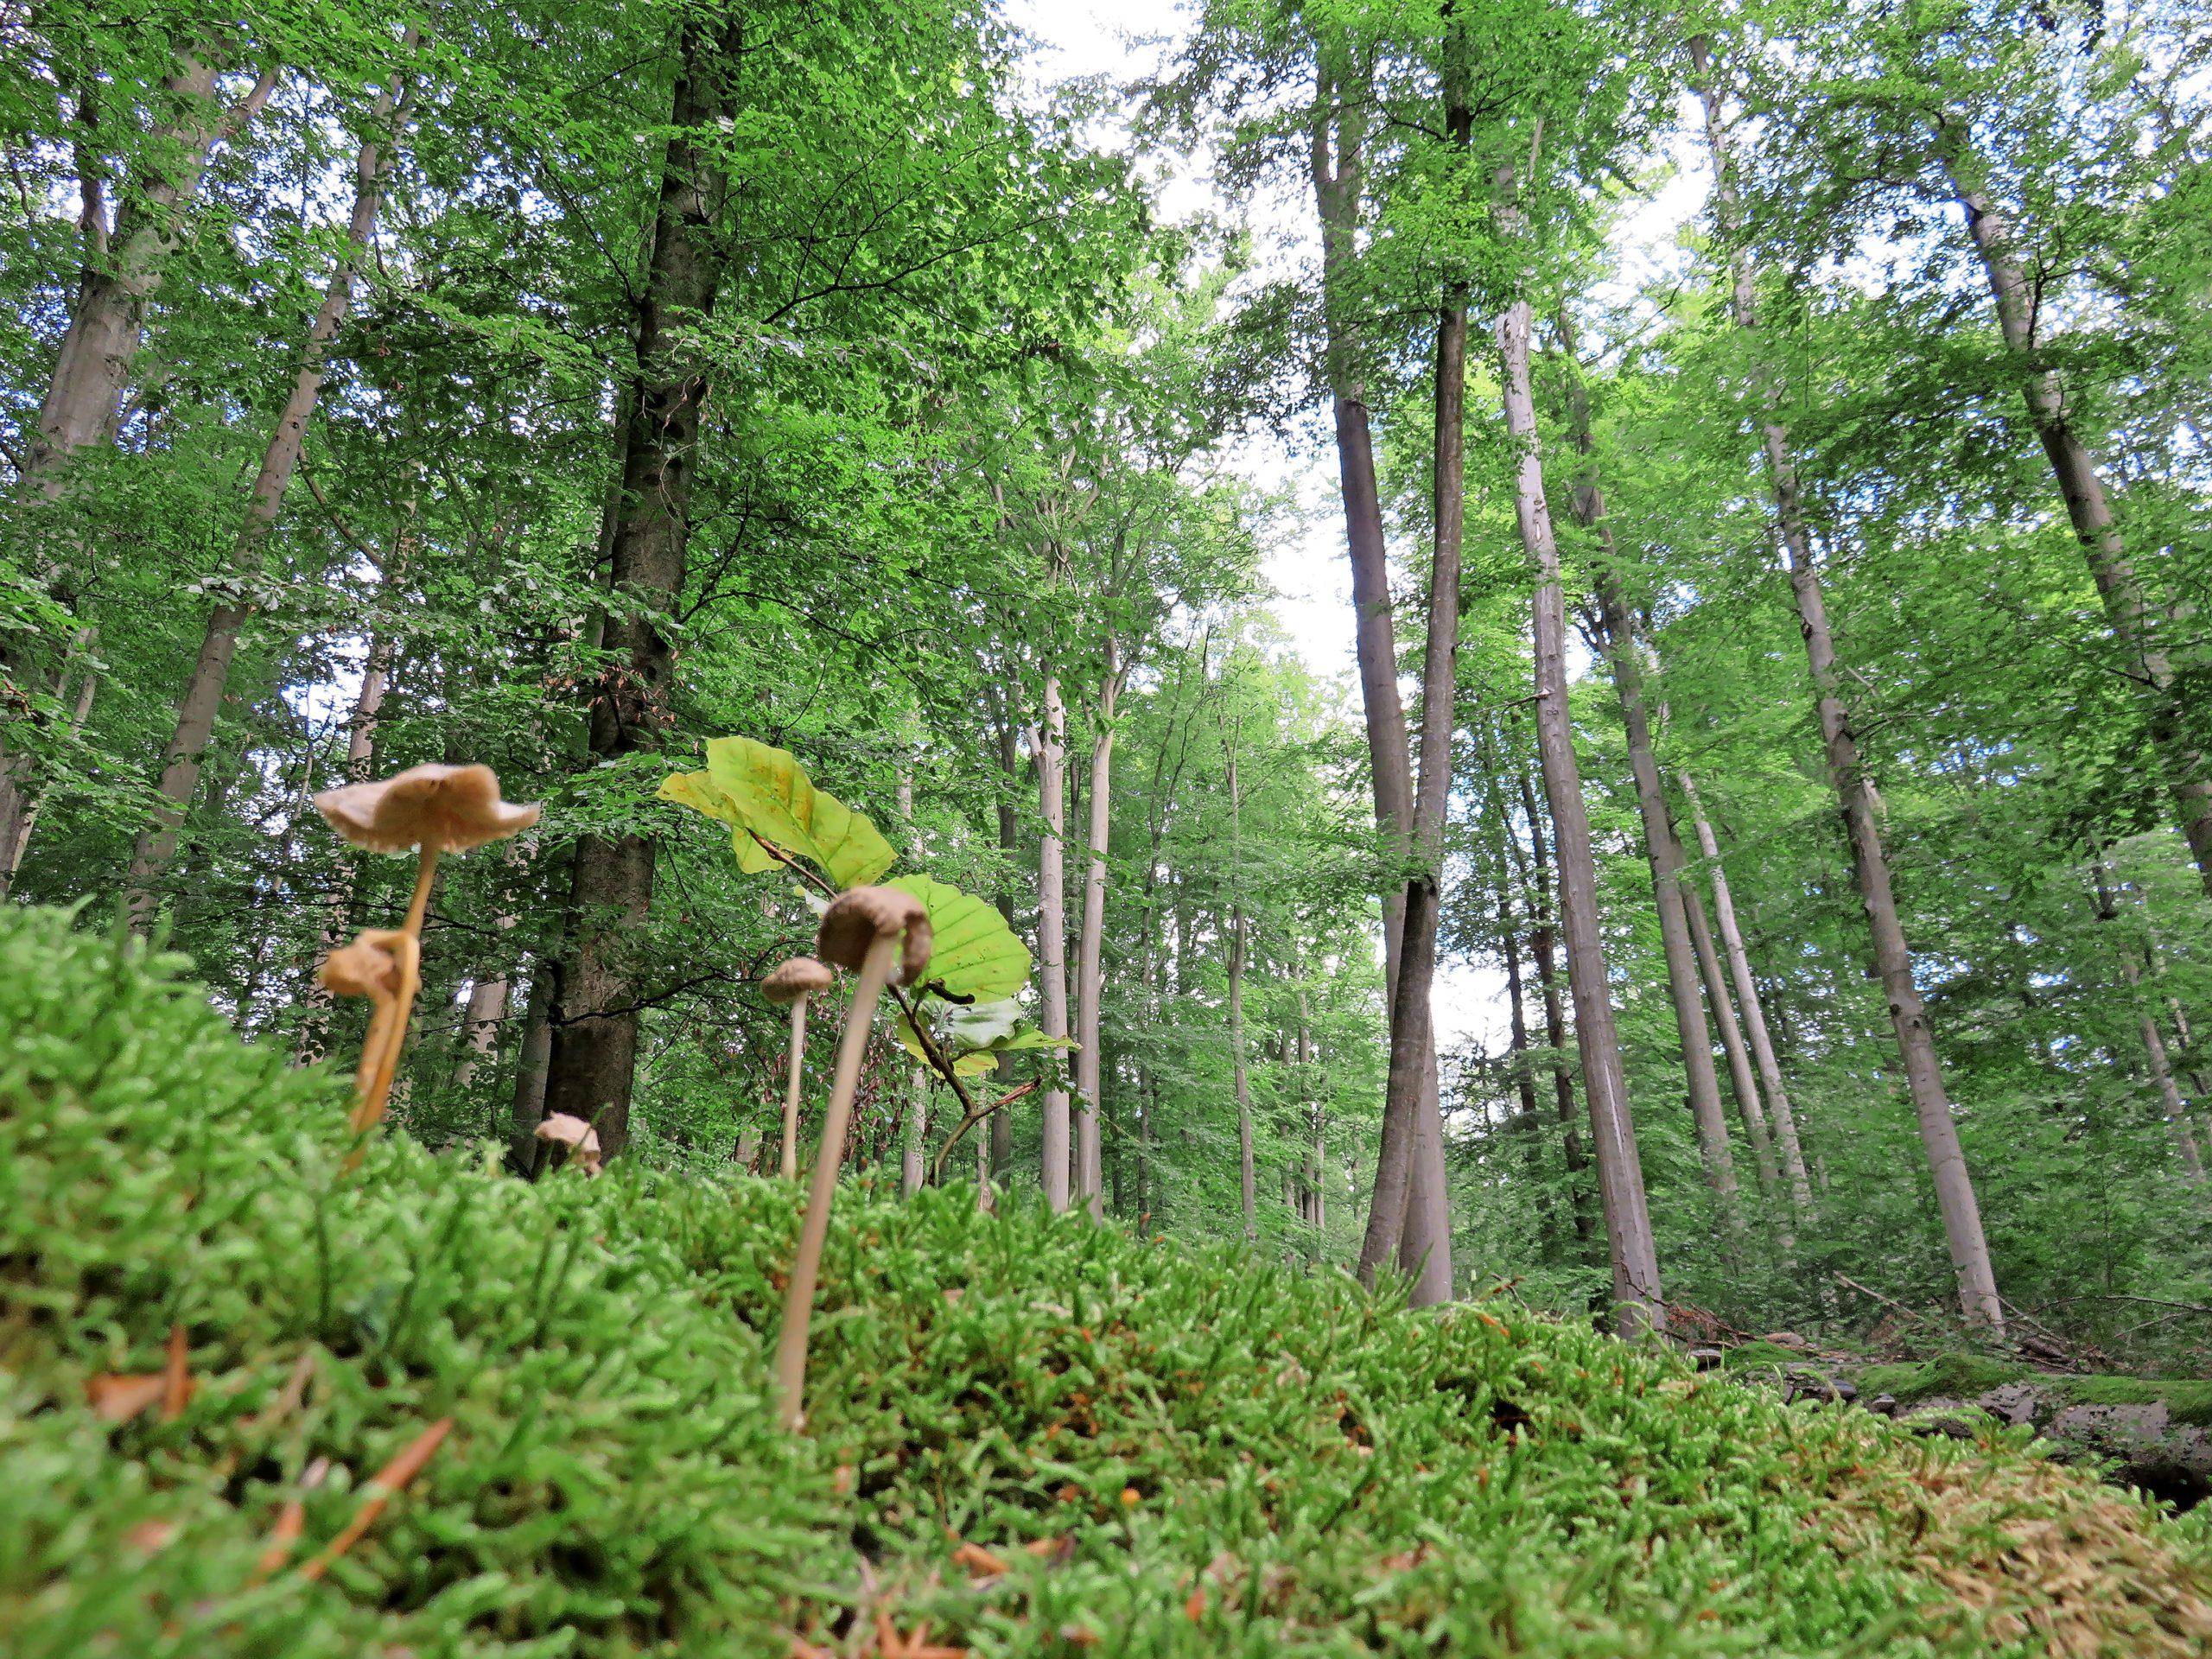 Anlässlich des internationalen Tages der Wälder forderte der BUND, mehr heimische Wälder als Naturwälder unter strengen Schutz zu stellen.